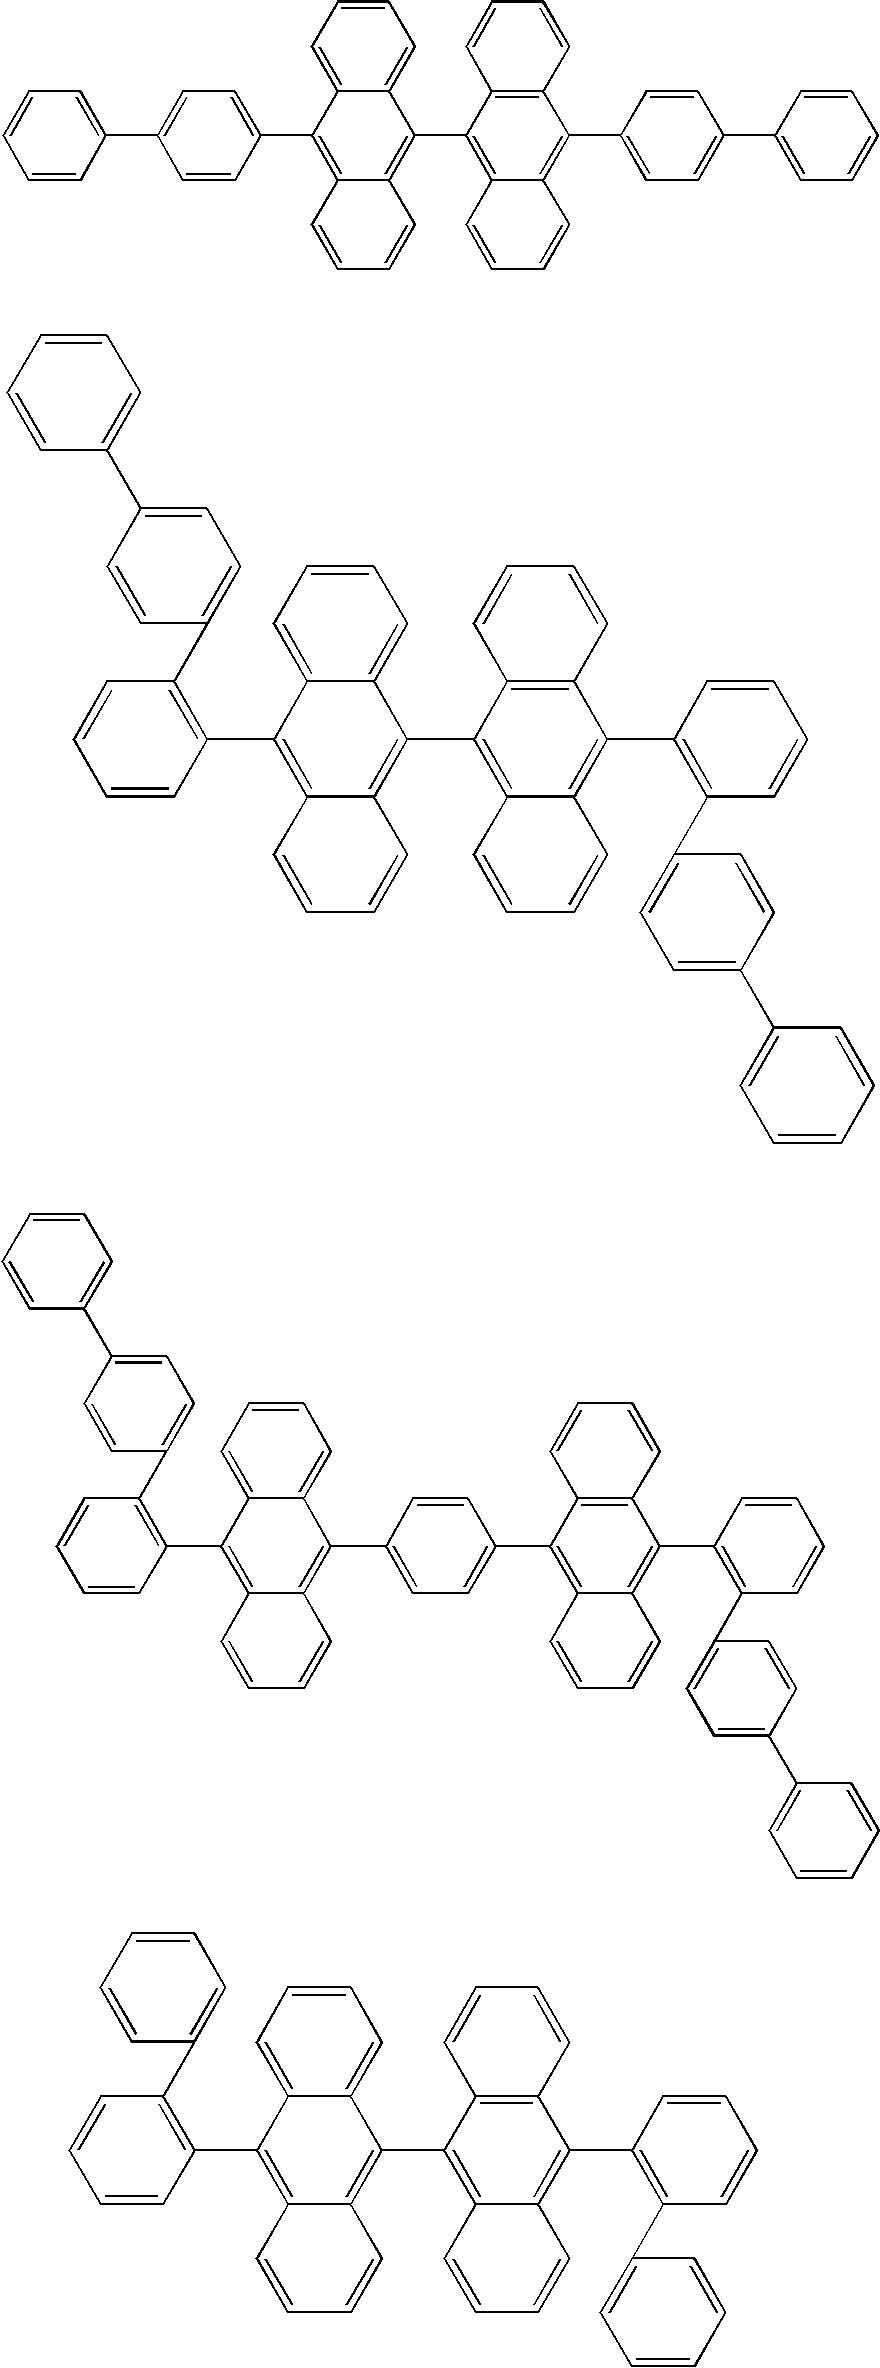 Figure US20060055305A1-20060316-C00003